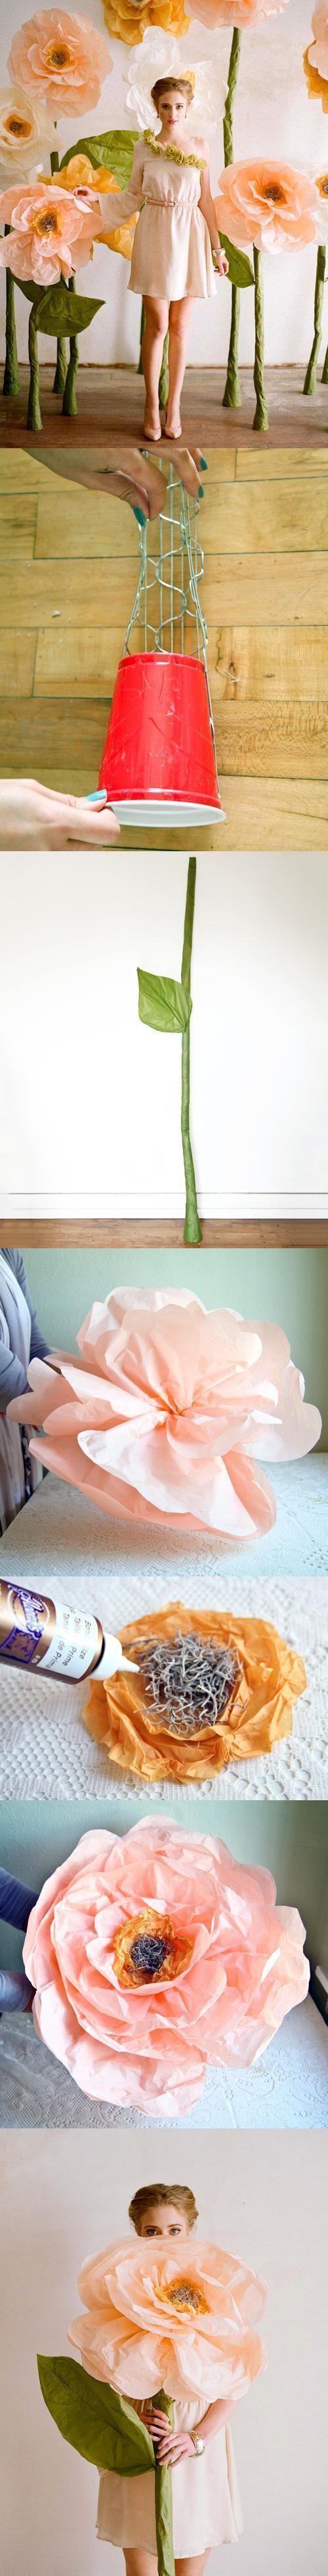 Giant Tissue Flower Tutorial Some Steps Giant Paper Flowers